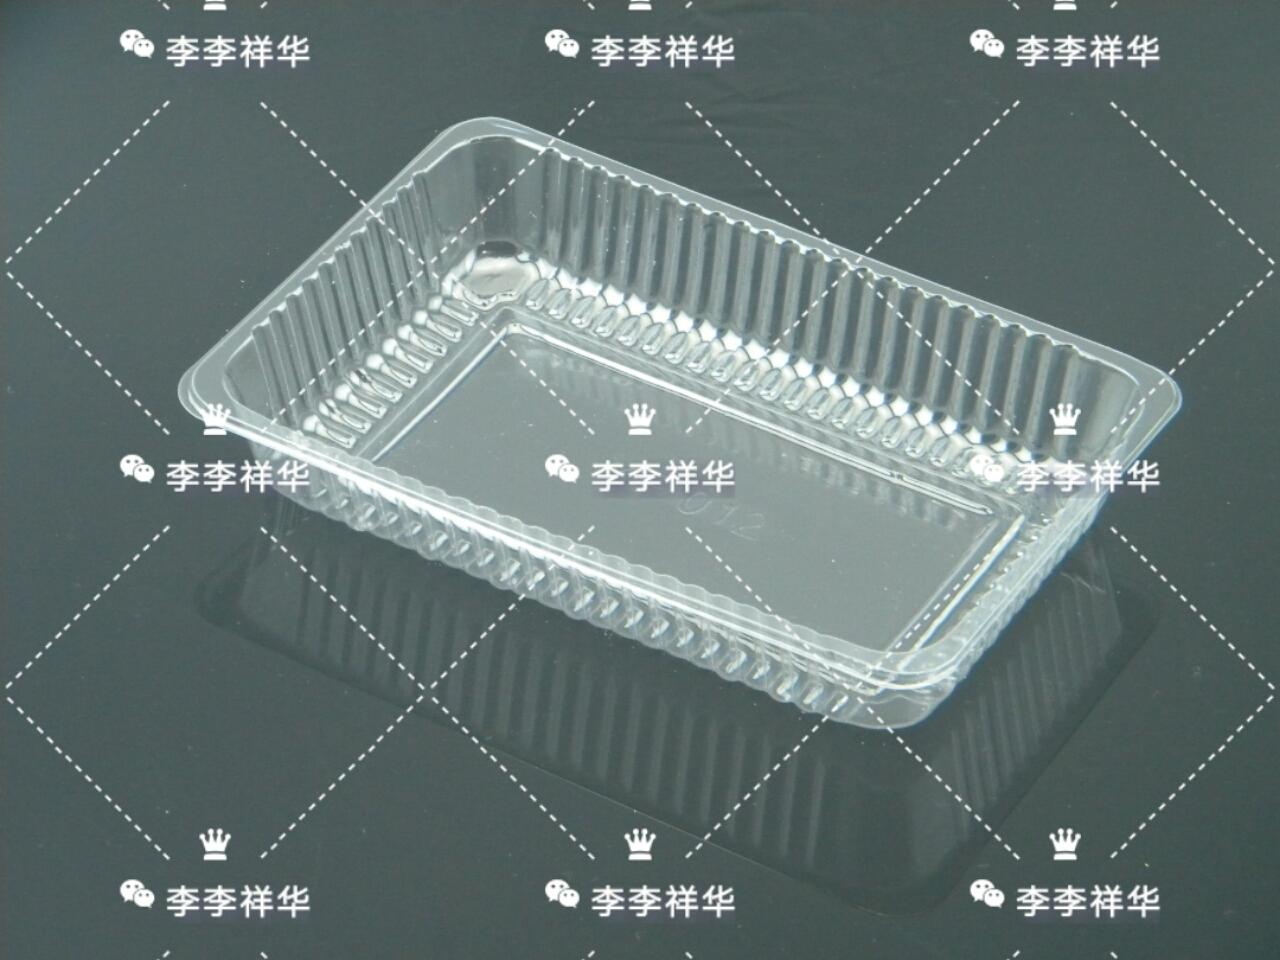 Das transparente kunststoffe für kekse und Kuchen MIT unterstützung der hummus Essen Neto plastik - VERPACKUNG für gebäck 100